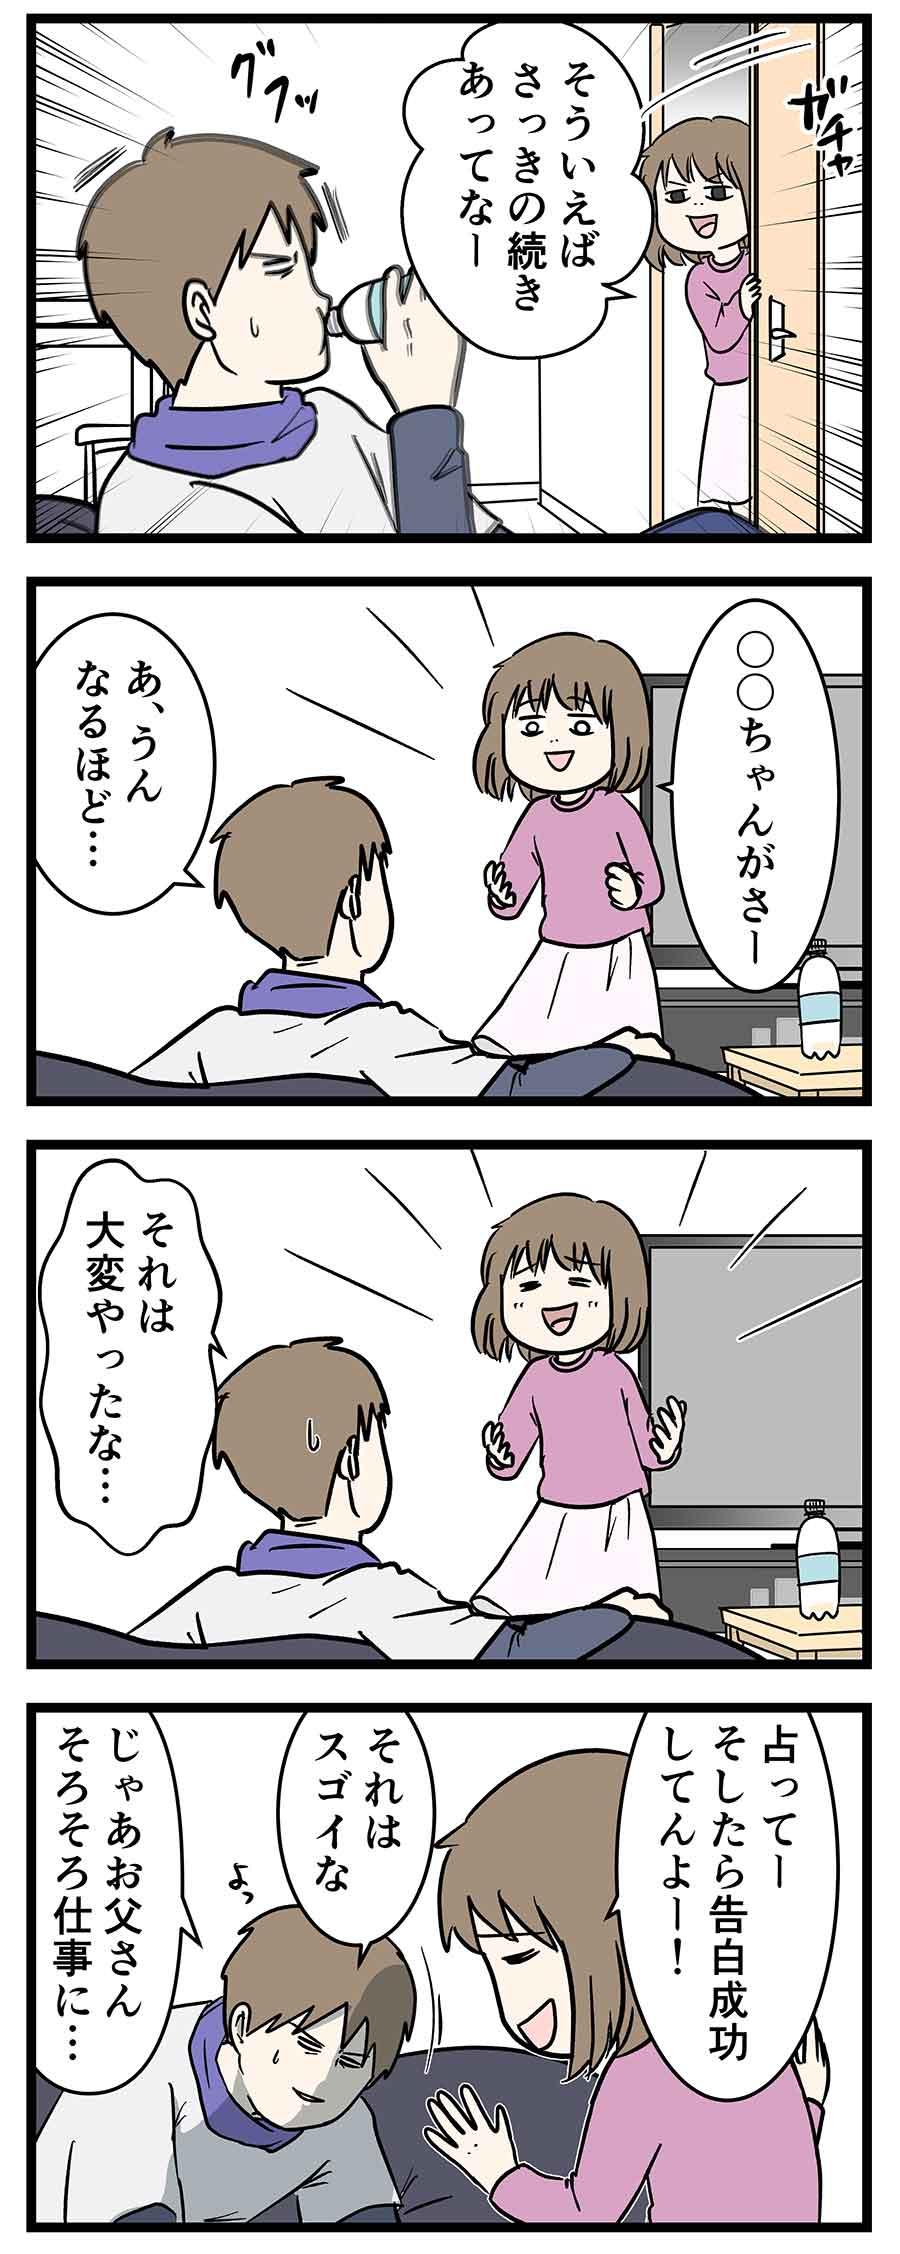 娘がお父さんに話を聞いて欲しい時は一味違うプレッシャーを掛けがち